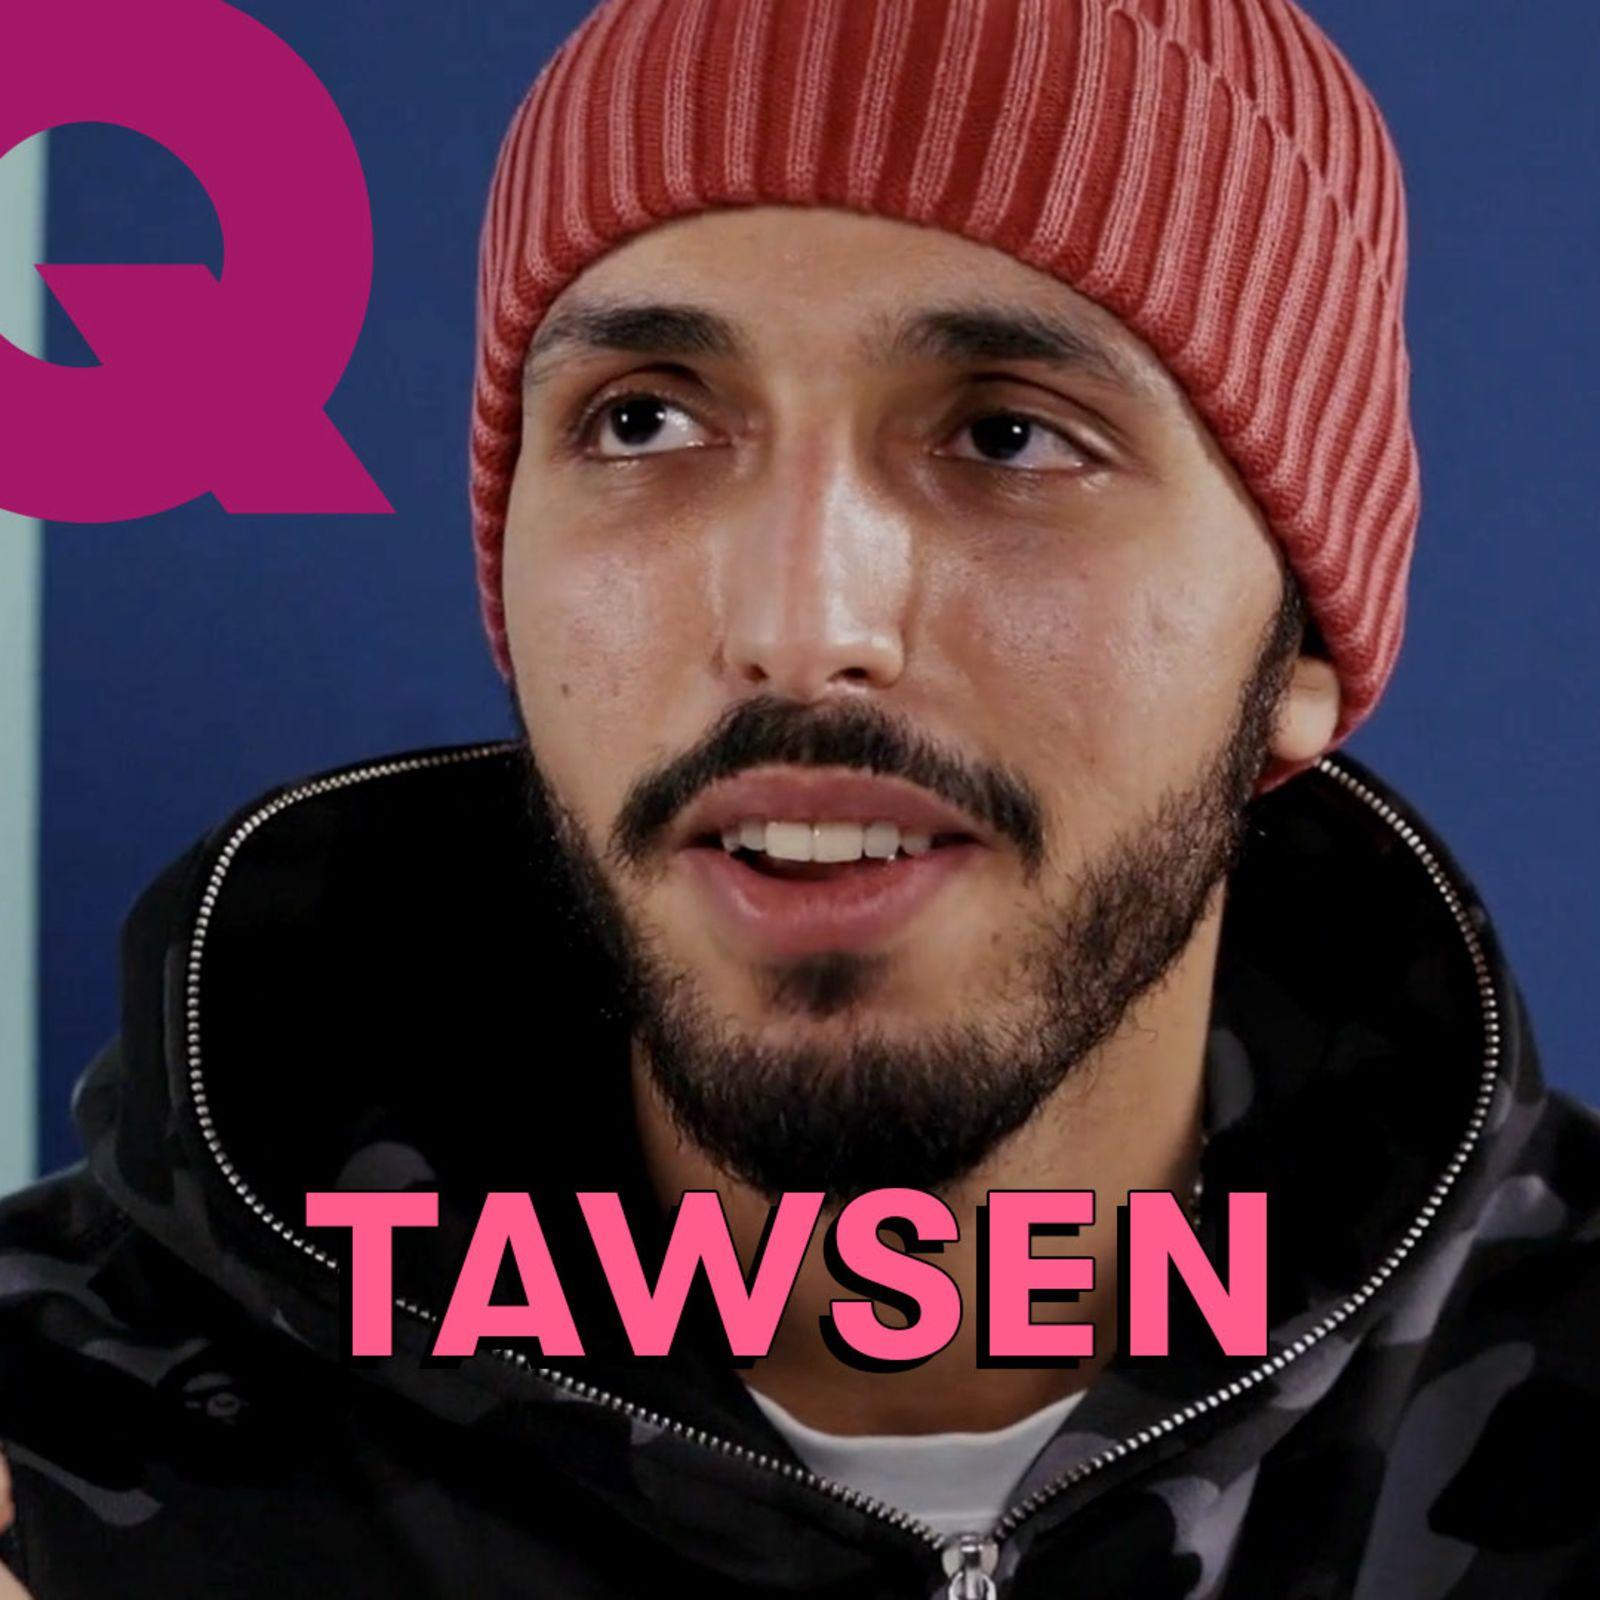 Les 10 Essentiels de Tawsen (sneakers, chaussettes colorées et lunettes de soleil)